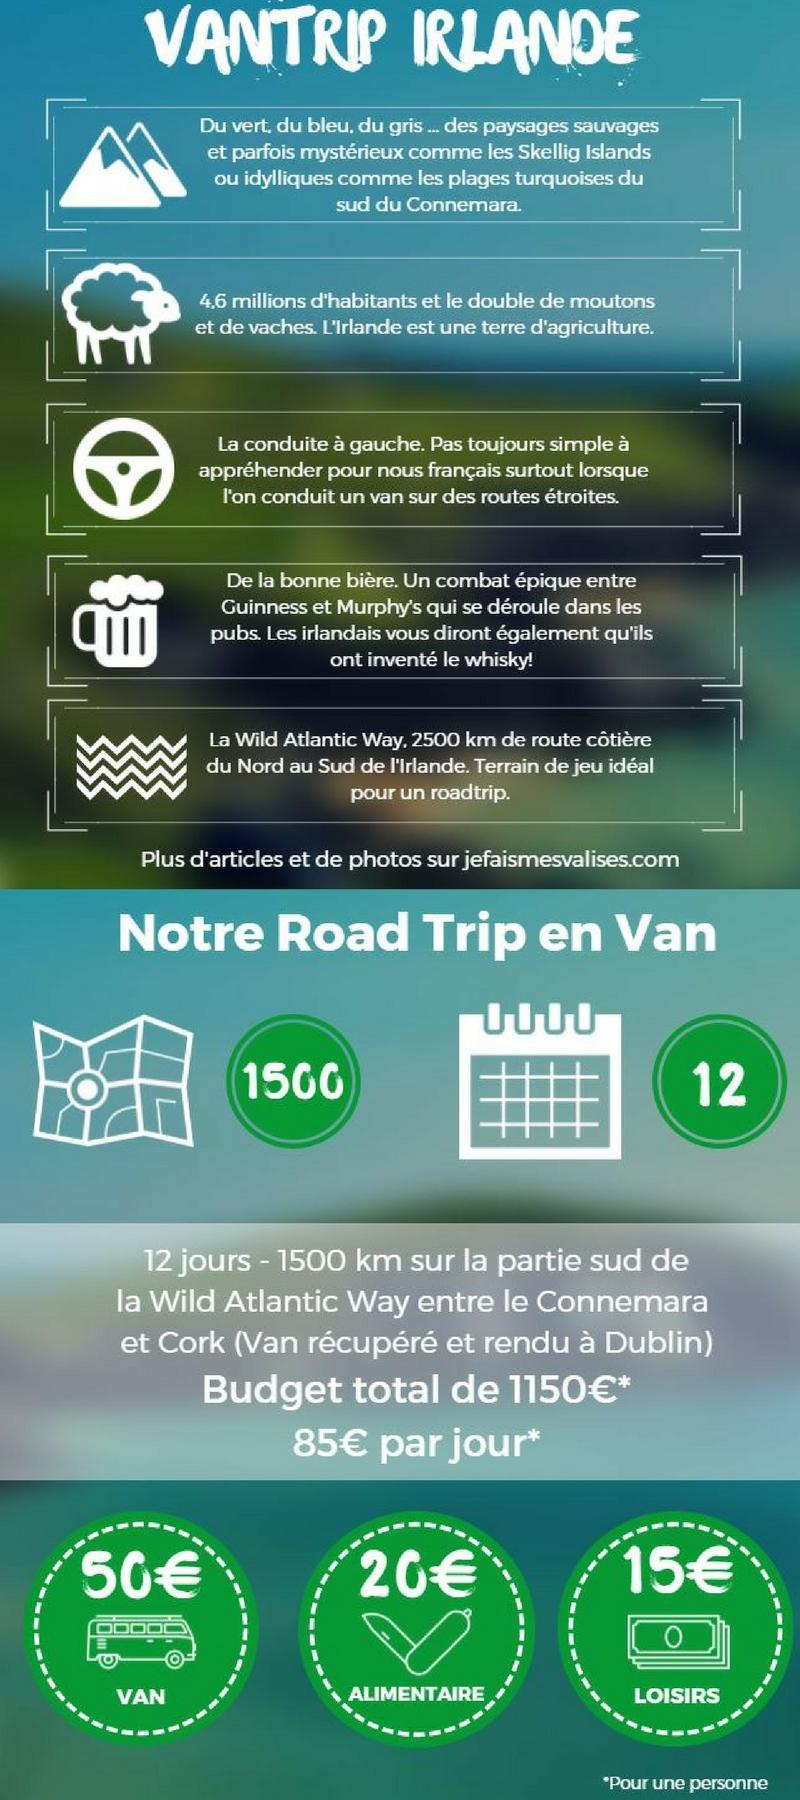 Infographie de notre roadtrip en van en Irlande